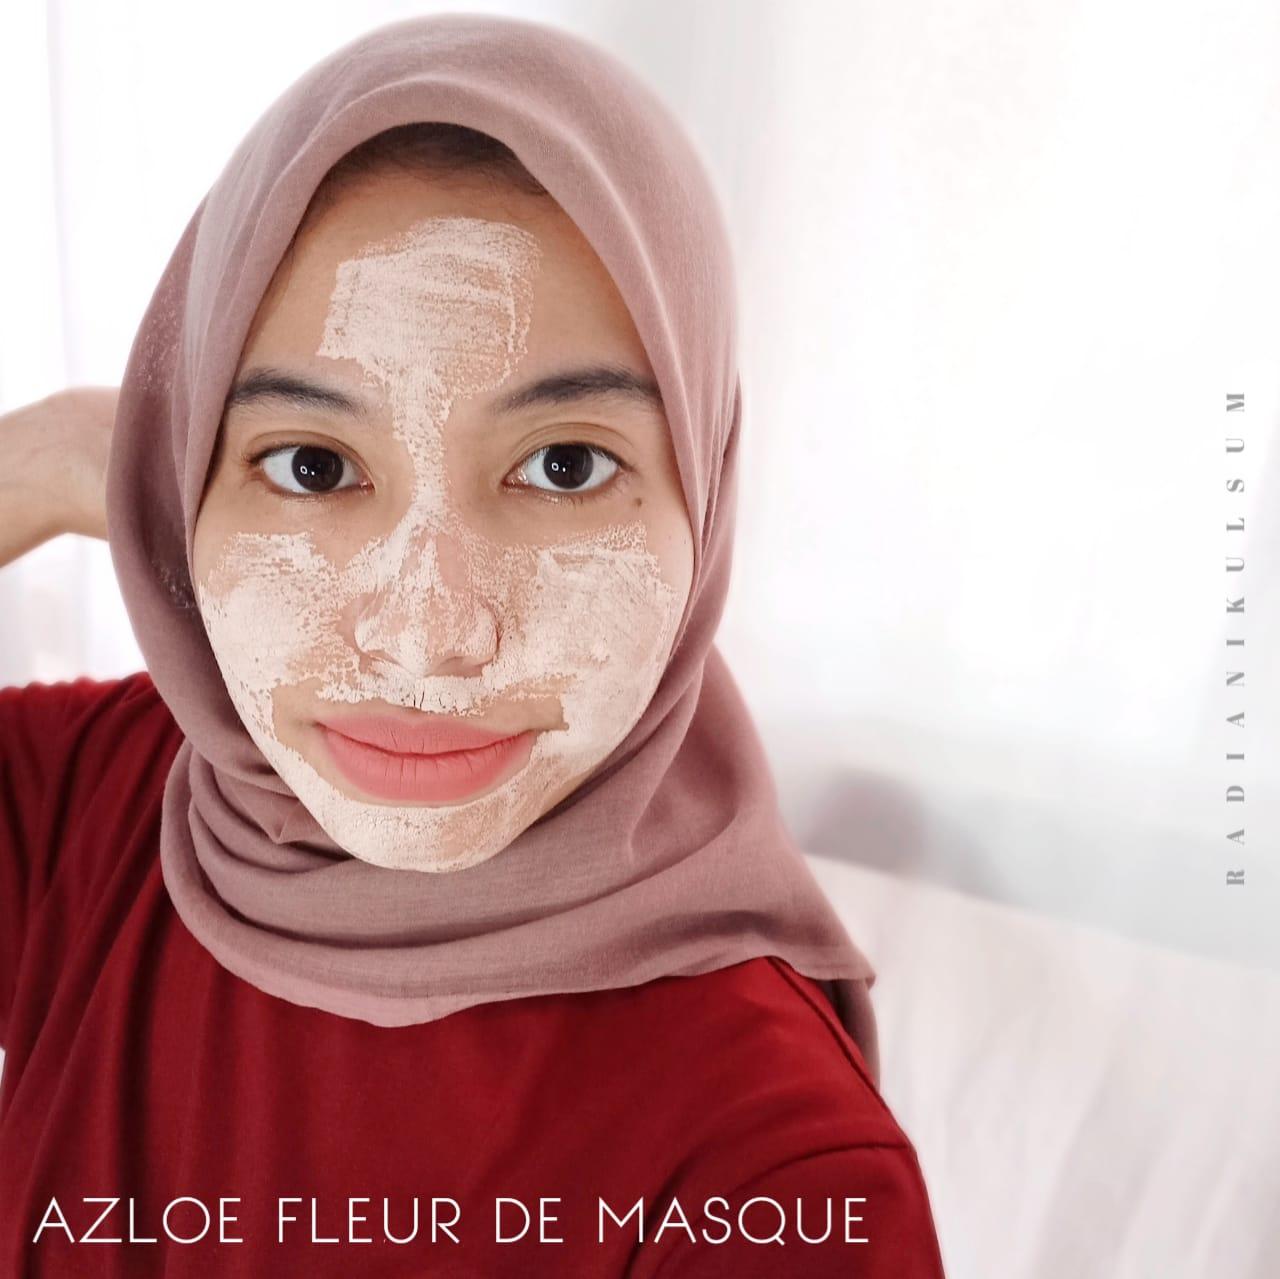 Pemakaian Azloe Fleur de Masque